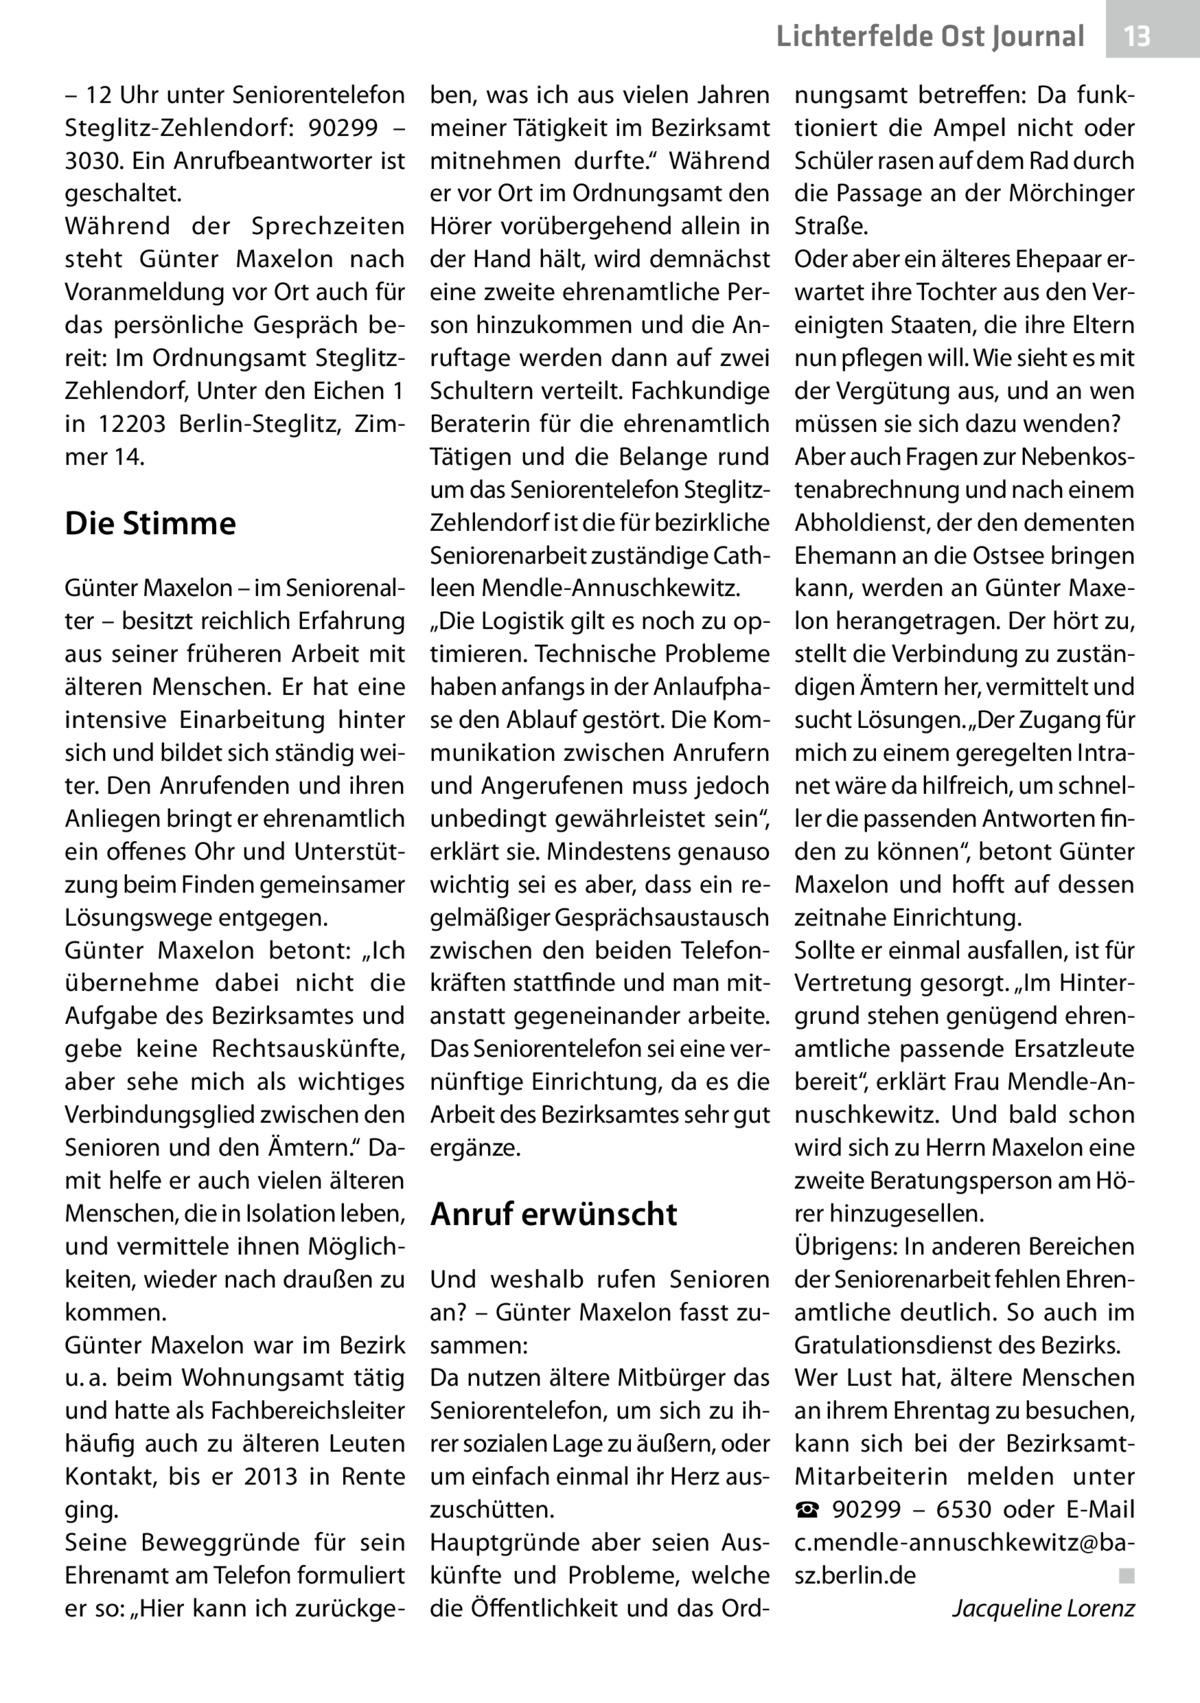 """Lichterfelde Ost Journal – 12Uhr unter Seniorentelefon Steglitz-Zehlendorf: 90299 – 3030. Ein Anrufbeantworter ist geschaltet. Während der Sprechzeiten steht Günter Maxelon nach Voranmeldung vor Ort auch für das persönliche Gespräch bereit: Im Ordnungsamt SteglitzZehlendorf, Unter den Eichen1 in 12203 Berlin-Steglitz, Zimmer14.  Die Stimme Günter Maxelon – im Seniorenalter – besitzt reichlich Erfahrung aus seiner früheren Arbeit mit älteren Menschen. Er hat eine intensive Einarbeitung hinter sich und bildet sich ständig weiter. Den Anrufenden und ihren Anliegen bringt er ehrenamtlich ein offenes Ohr und Unterstützung beim Finden gemeinsamer Lösungswege entgegen. Günter Maxelon betont: """"Ich übernehme dabei nicht die Aufgabe des Bezirksamtes und gebe keine Rechtsauskünfte, aber sehe mich als wichtiges Verbindungsglied zwischen den Senioren und den Ämtern."""" Damit helfe er auch vielen älteren Menschen, die in Isolation leben, und vermittele ihnen Möglichkeiten, wieder nach draußen zu kommen. Günter Maxelon war im Bezirk u.a. beim Wohnungsamt tätig und hatte als Fachbereichsleiter häufig auch zu älteren Leuten Kontakt, bis er 2013 in Rente ging. Seine Beweggründe für sein Ehrenamt am Telefon formuliert er so: """"Hier kann ich zurückge ben, was ich aus vielen Jahren meiner Tätigkeit im Bezirksamt mitnehmen durfte."""" Während er vor Ort im Ordnungsamt den Hörer vorübergehend allein in der Hand hält, wird demnächst eine zweite ehrenamtliche Person hinzukommen und die Anruftage werden dann auf zwei Schultern verteilt. Fachkundige Beraterin für die ehrenamtlich Tätigen und die Belange rund um das Seniorentelefon SteglitzZehlendorf ist die für bezirkliche Seniorenarbeit zuständige Cathleen Mendle-Annuschkewitz. """"Die Logistik gilt es noch zu optimieren. Technische Probleme haben anfangs in der Anlaufphase den Ablauf gestört. Die Kommunikation zwischen Anrufern und Angerufenen muss jedoch unbedingt gewährleistet sein"""", erklärt sie. Mindestens genauso wichtig sei es aber, dass ein re"""